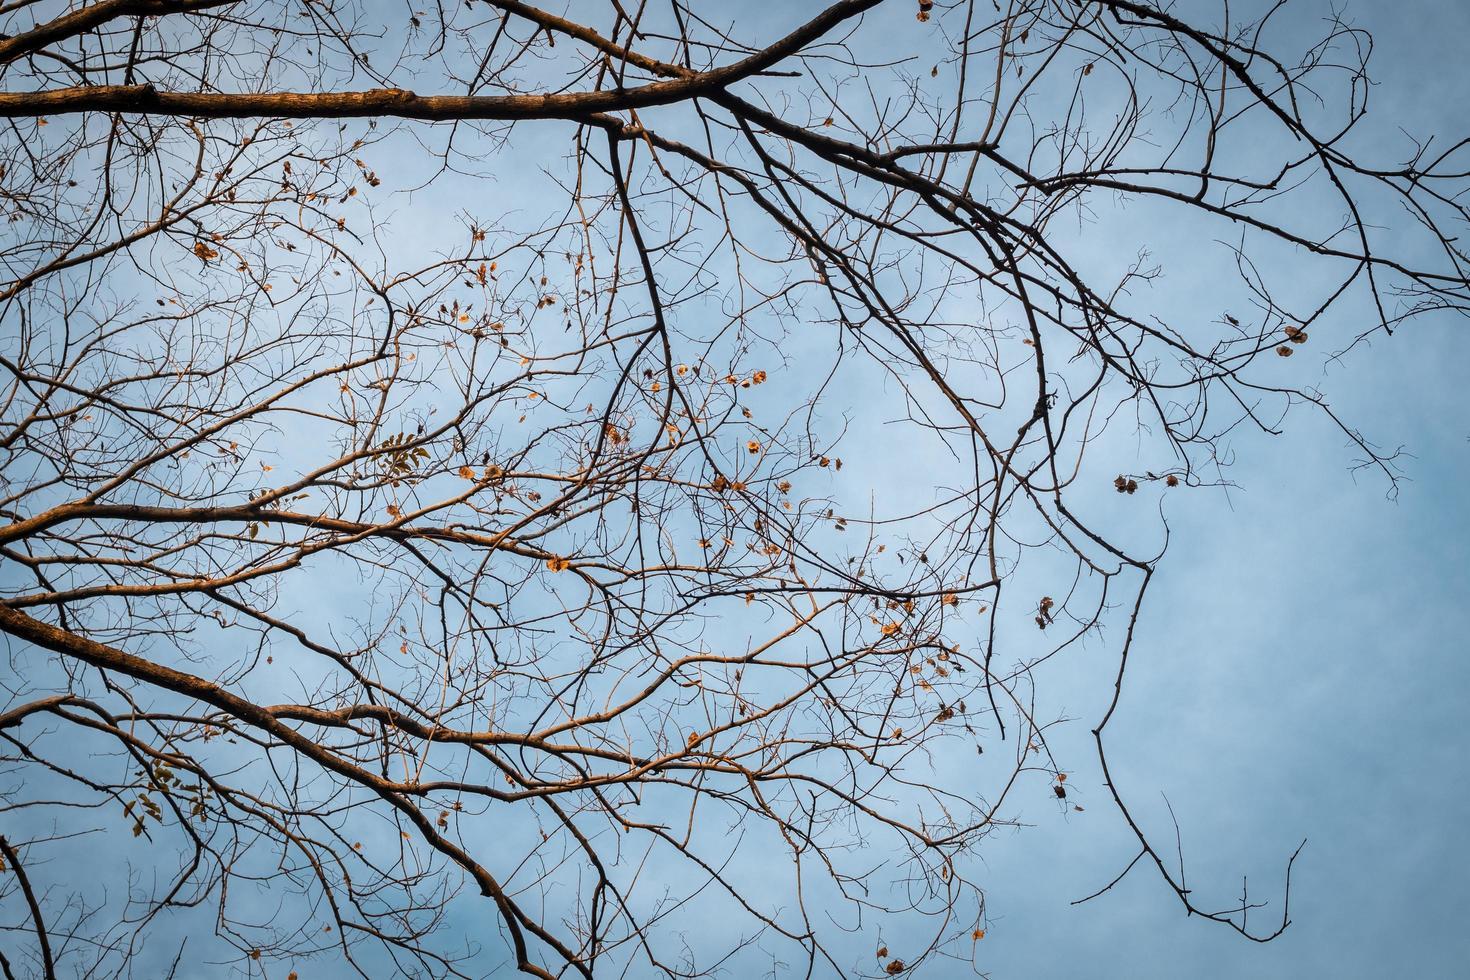 rama de un árbol en el cielo azul de invierno. foto